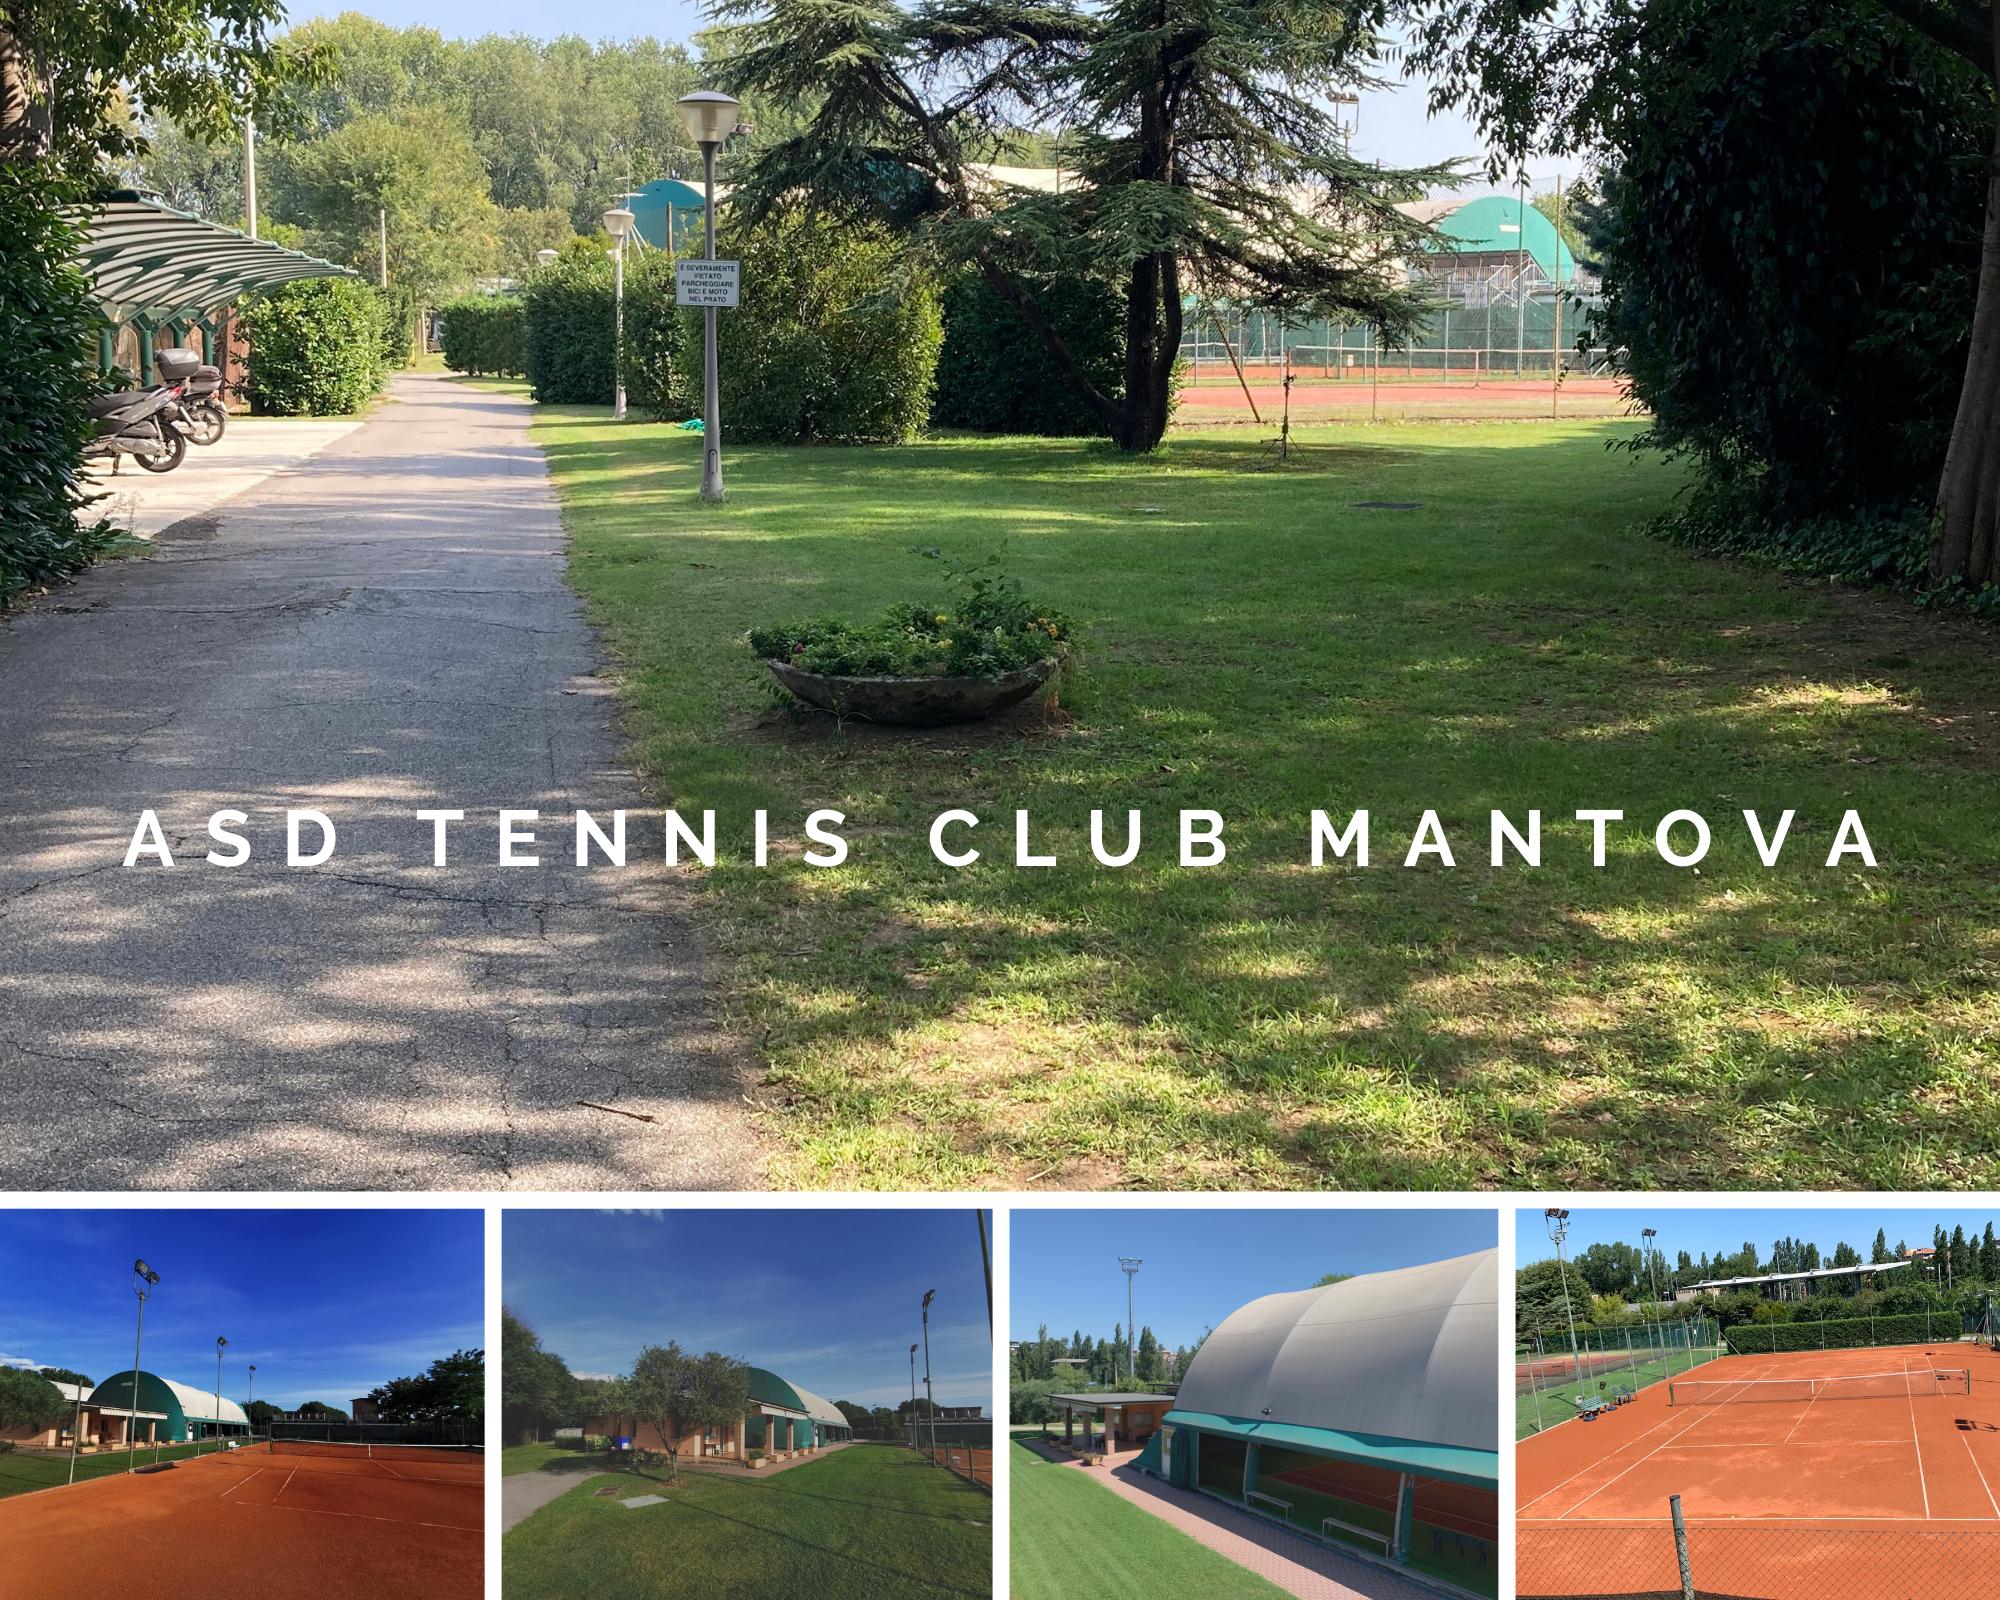 ASD TENNIS CLUB MANTOVA